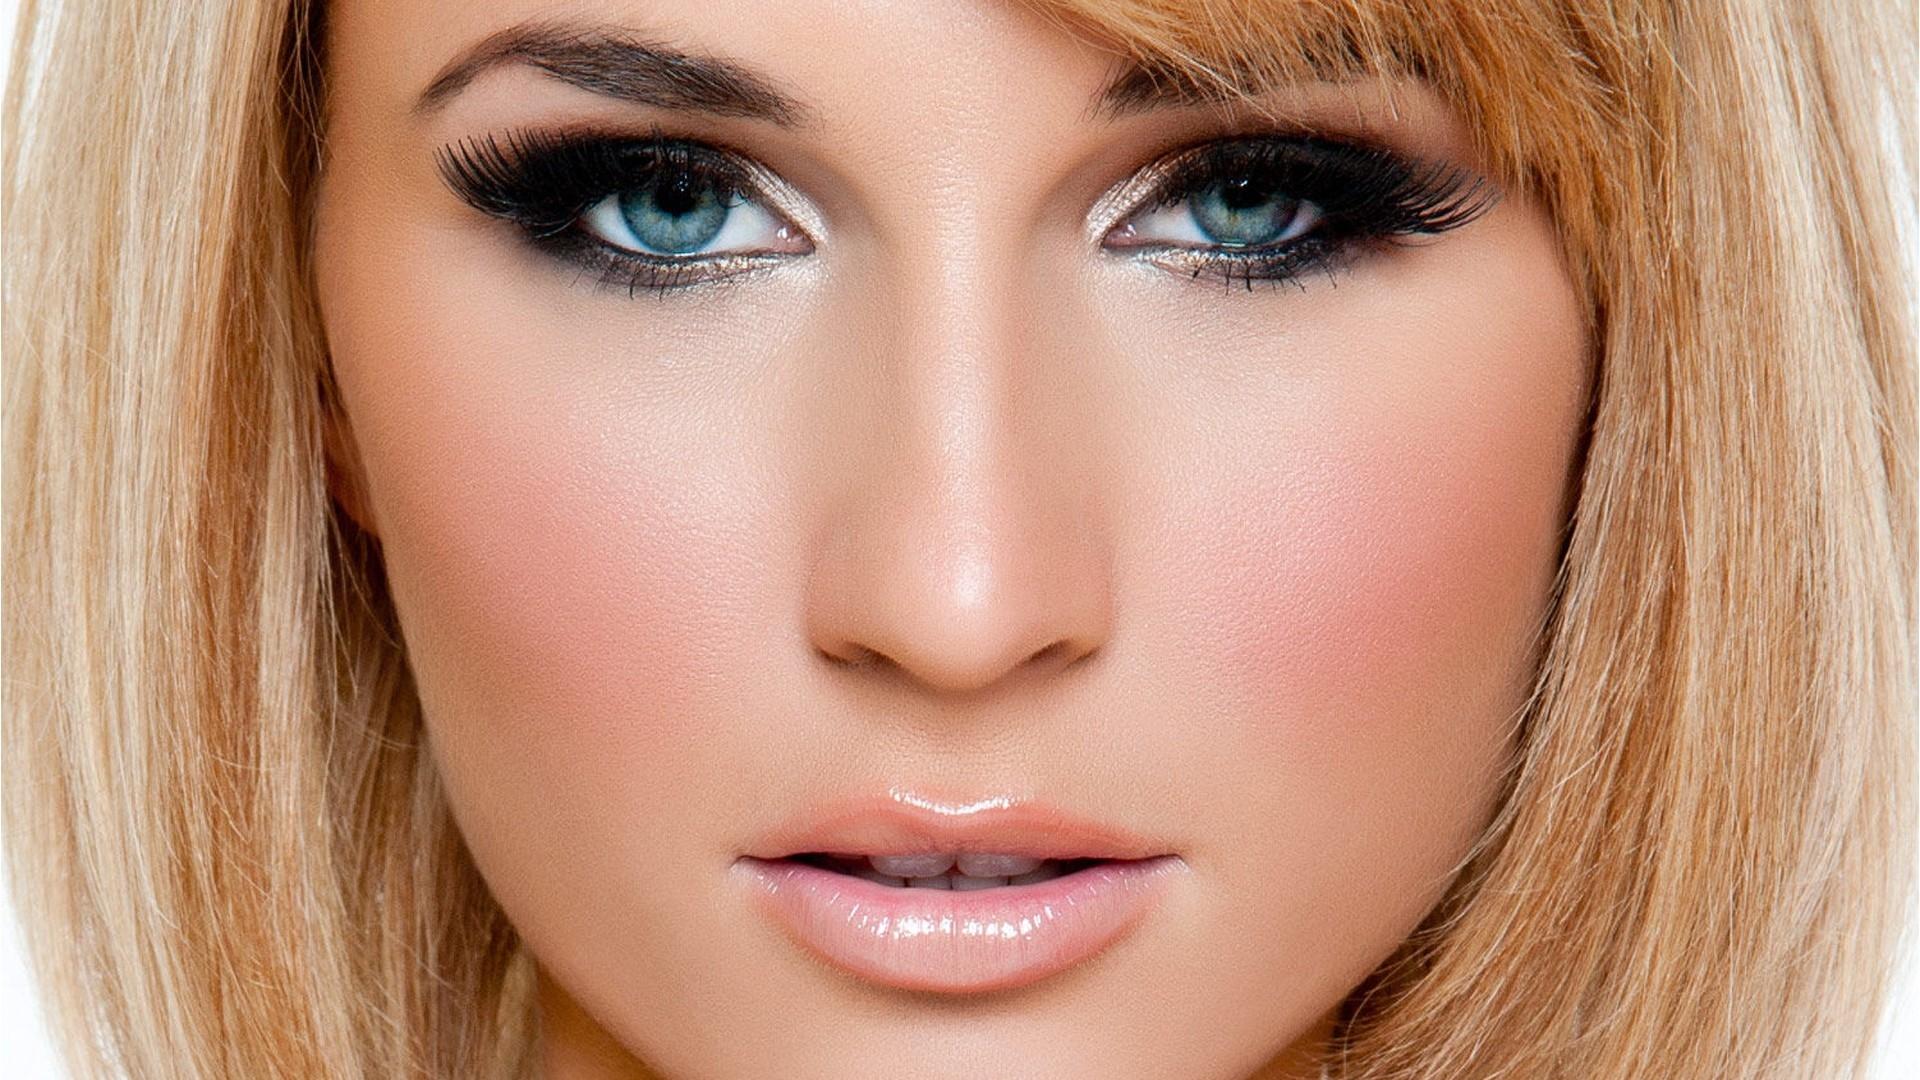 happy-blue-eyes-makeup-get-your-eyes-into-beautiful-one-with-the-eyeshadow-for-blue-eyes Макияж для голубых глаз (42 фото): красивый повседневный make-up для серо-голубых глаз и русых волос, нежный и яркий, пошаговые инструкции